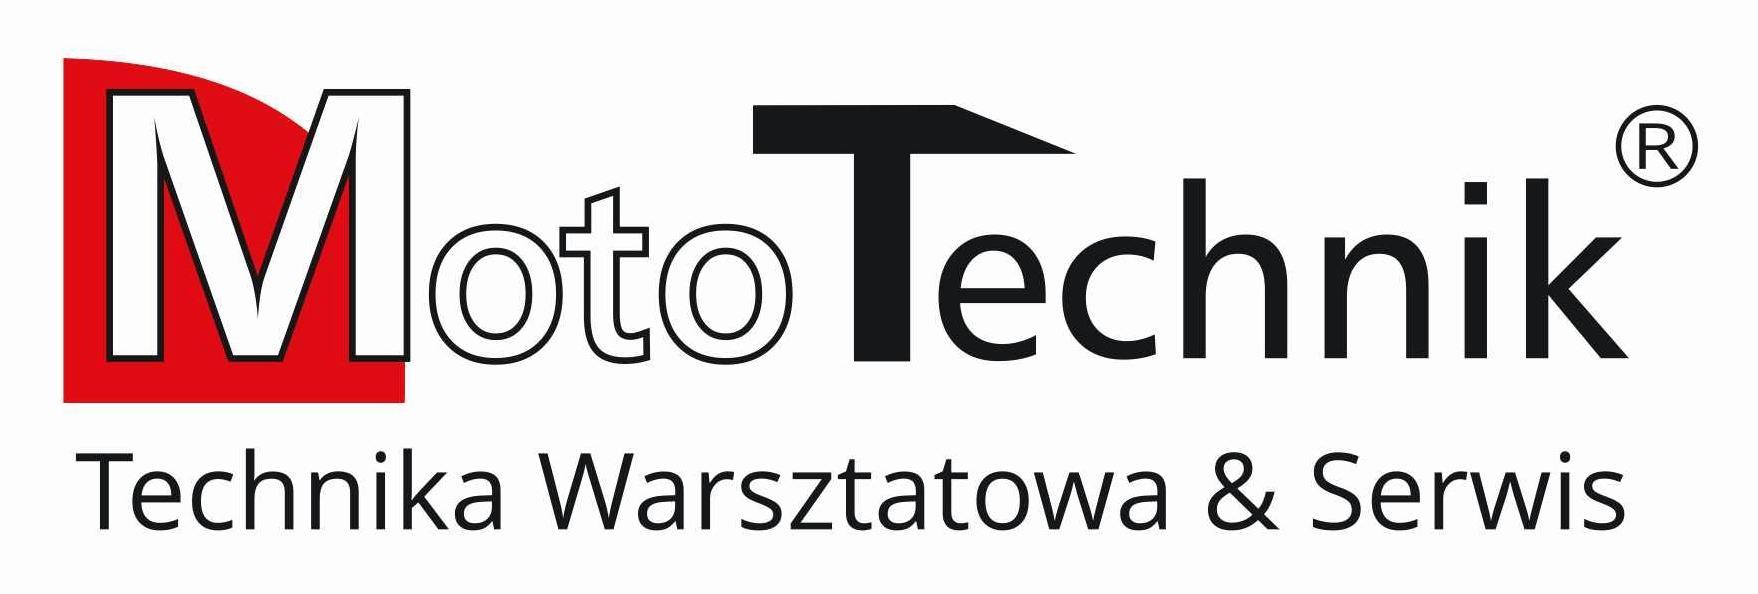 MotoTechnik R Logo White